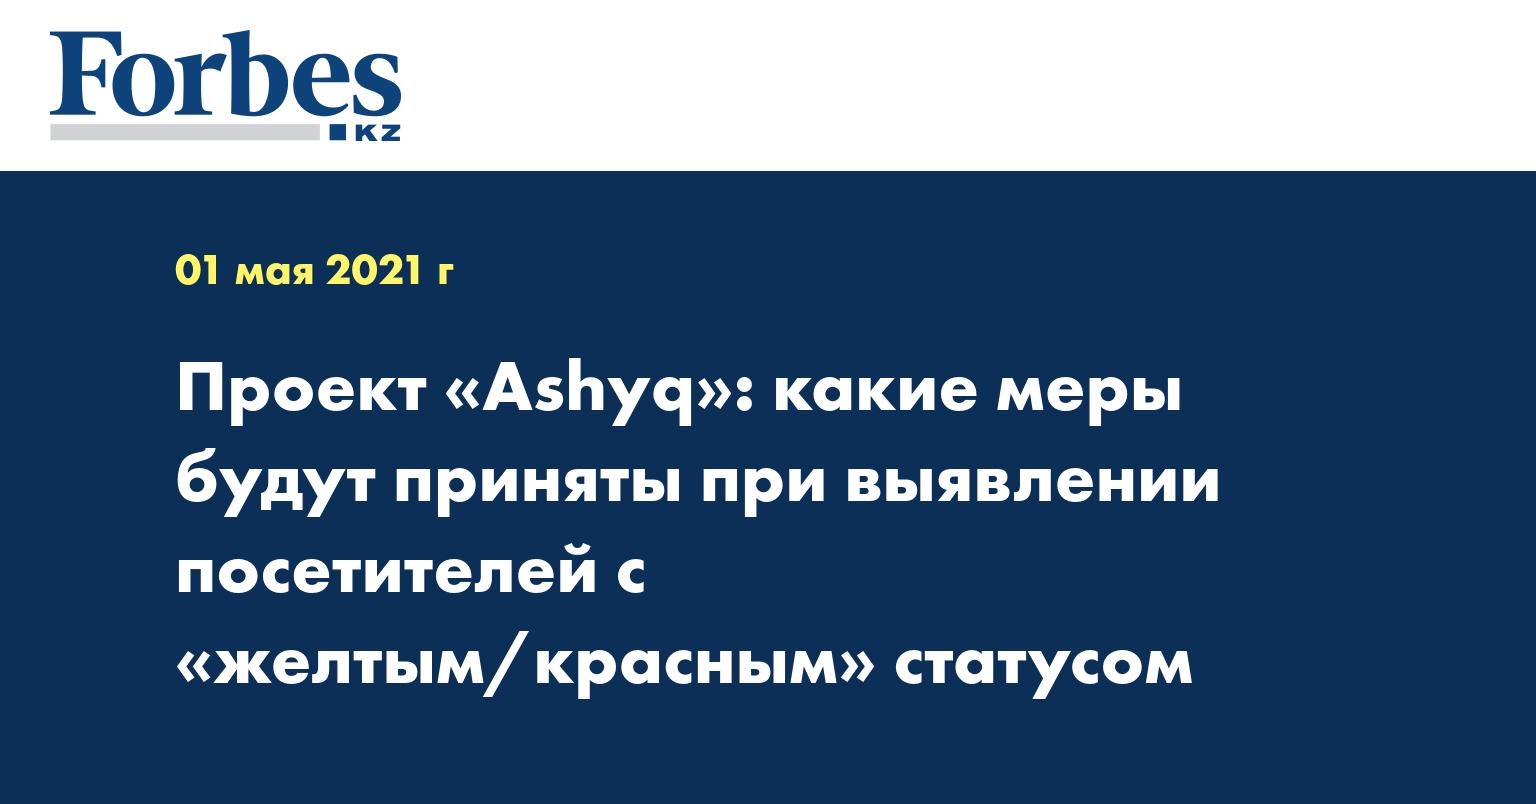 Проект «Ashyq»: какие меры будут приняты при выявлении посетителей с «желтым/красным» статусом